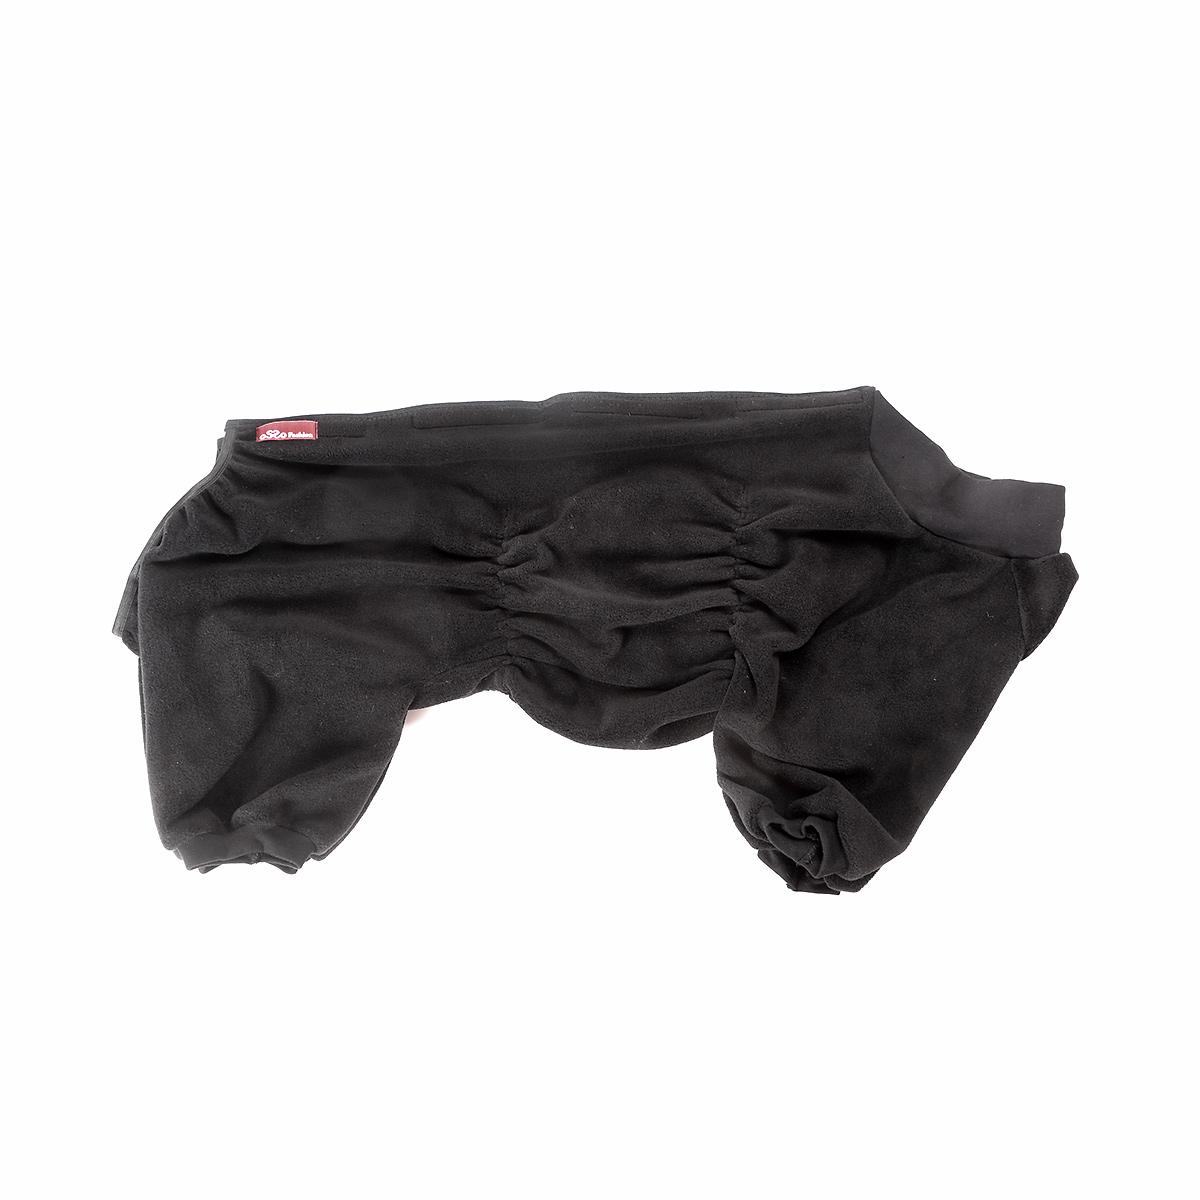 Комбинезон для собак OSSO Fashion, для мальчика, цвет: графит. Размер 70Кф-1026Комбинезон для собак OSSO Fashion выполнен из флиса. Комфортная посадка по корпусу достигается за счет резинок-утяжек под грудью и животом. На воротнике имеются завязки, для дополнительной фиксации. Можно носить самостоятельно и как поддевку под комбинезон для собак. Изделие отлично стирается, быстро сохнет. Длина спинки: 70 см. Объем груди: 74-104 см.